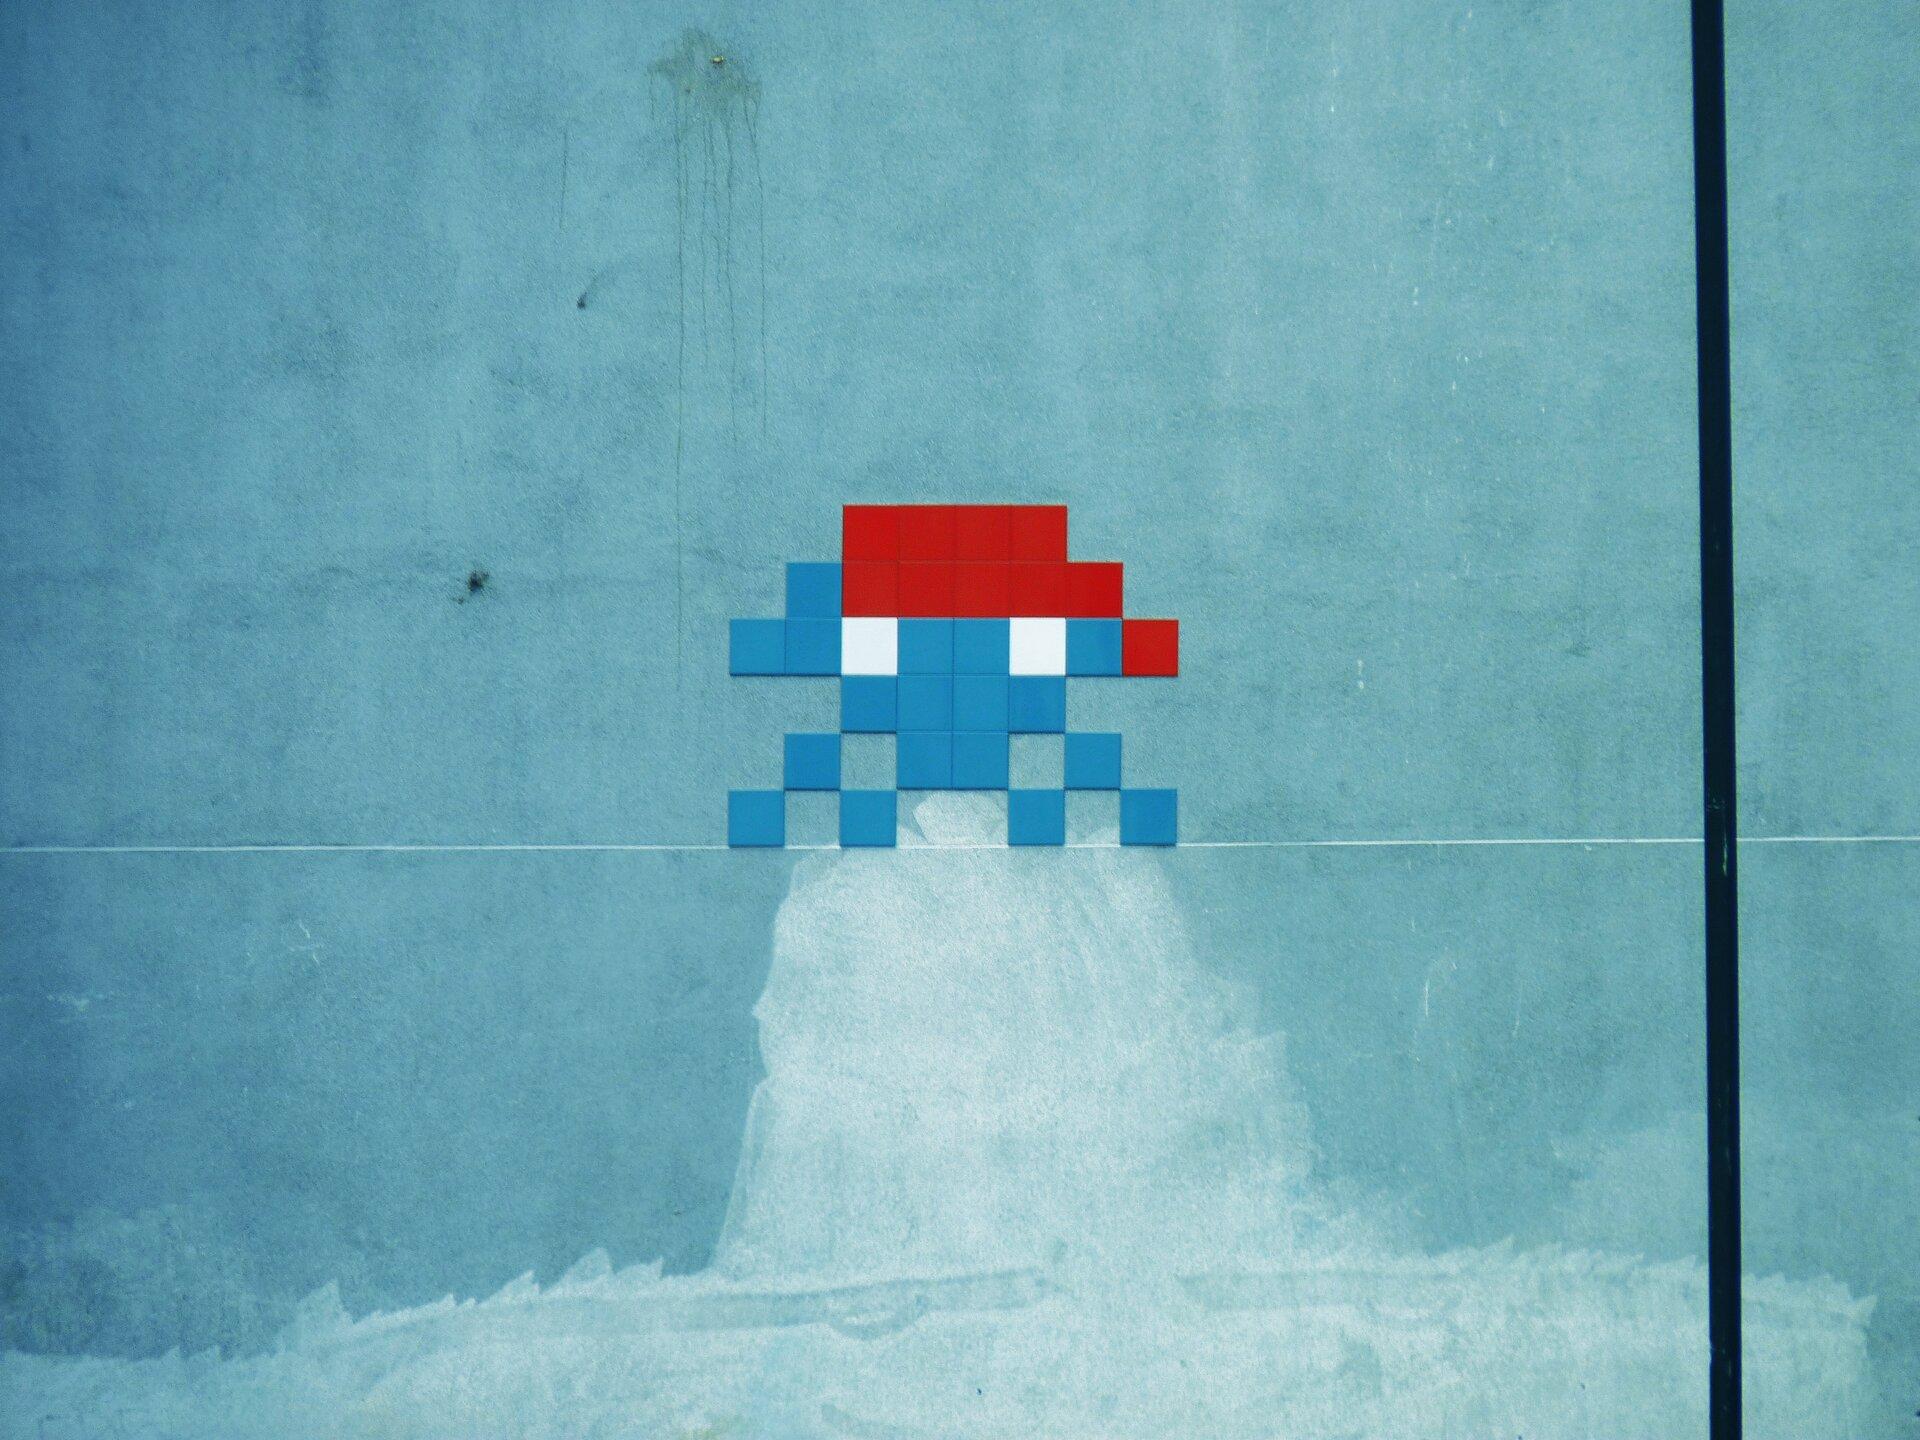 Ilustracja przedstawia unoszący się niebiesko-czerwony obiekt na tle niebieskiej ściany. Składa się zmałych kwadratów iprzypomina swoim wyglądem niewielką rakietę kosmiczną. Obiekt został przez artystę umiejscowiony nad białą plamą na murze, co sprawia wrażenie dymu ulatującego zsilnika rakiety.